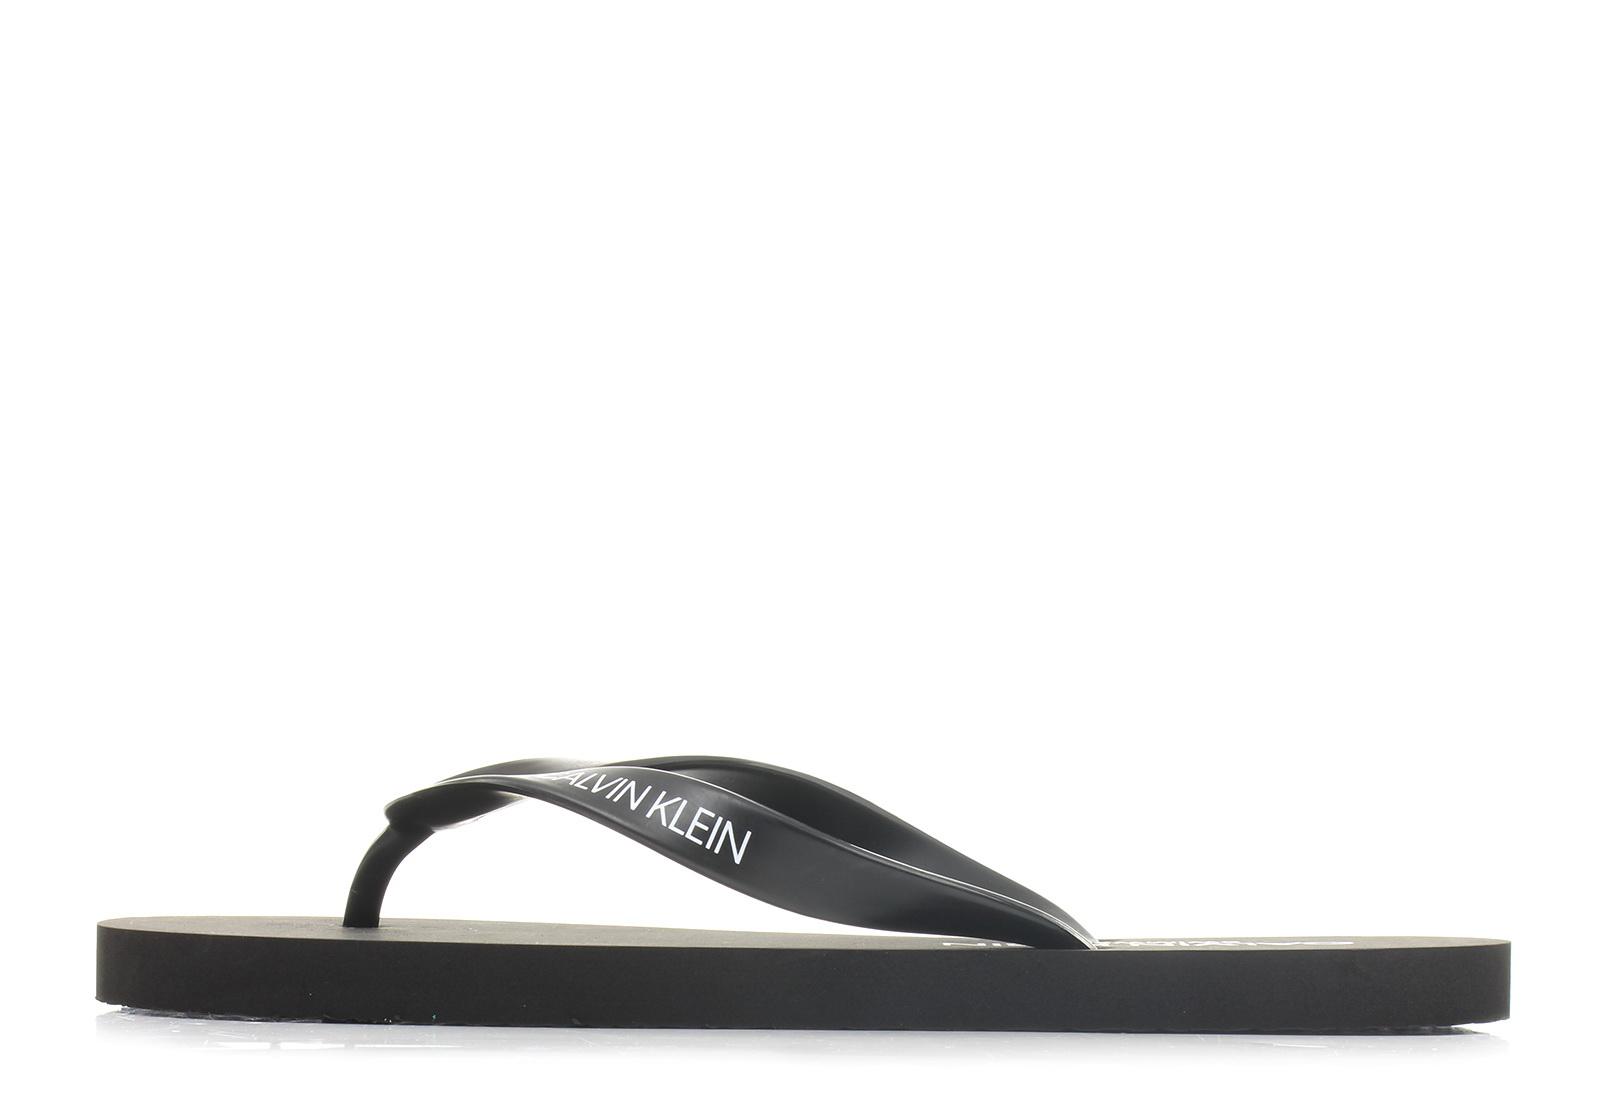 36514aef8a Calvin Klein Swimwear Papucs - Core Lifestyle Sandal - KM00341-001 ...